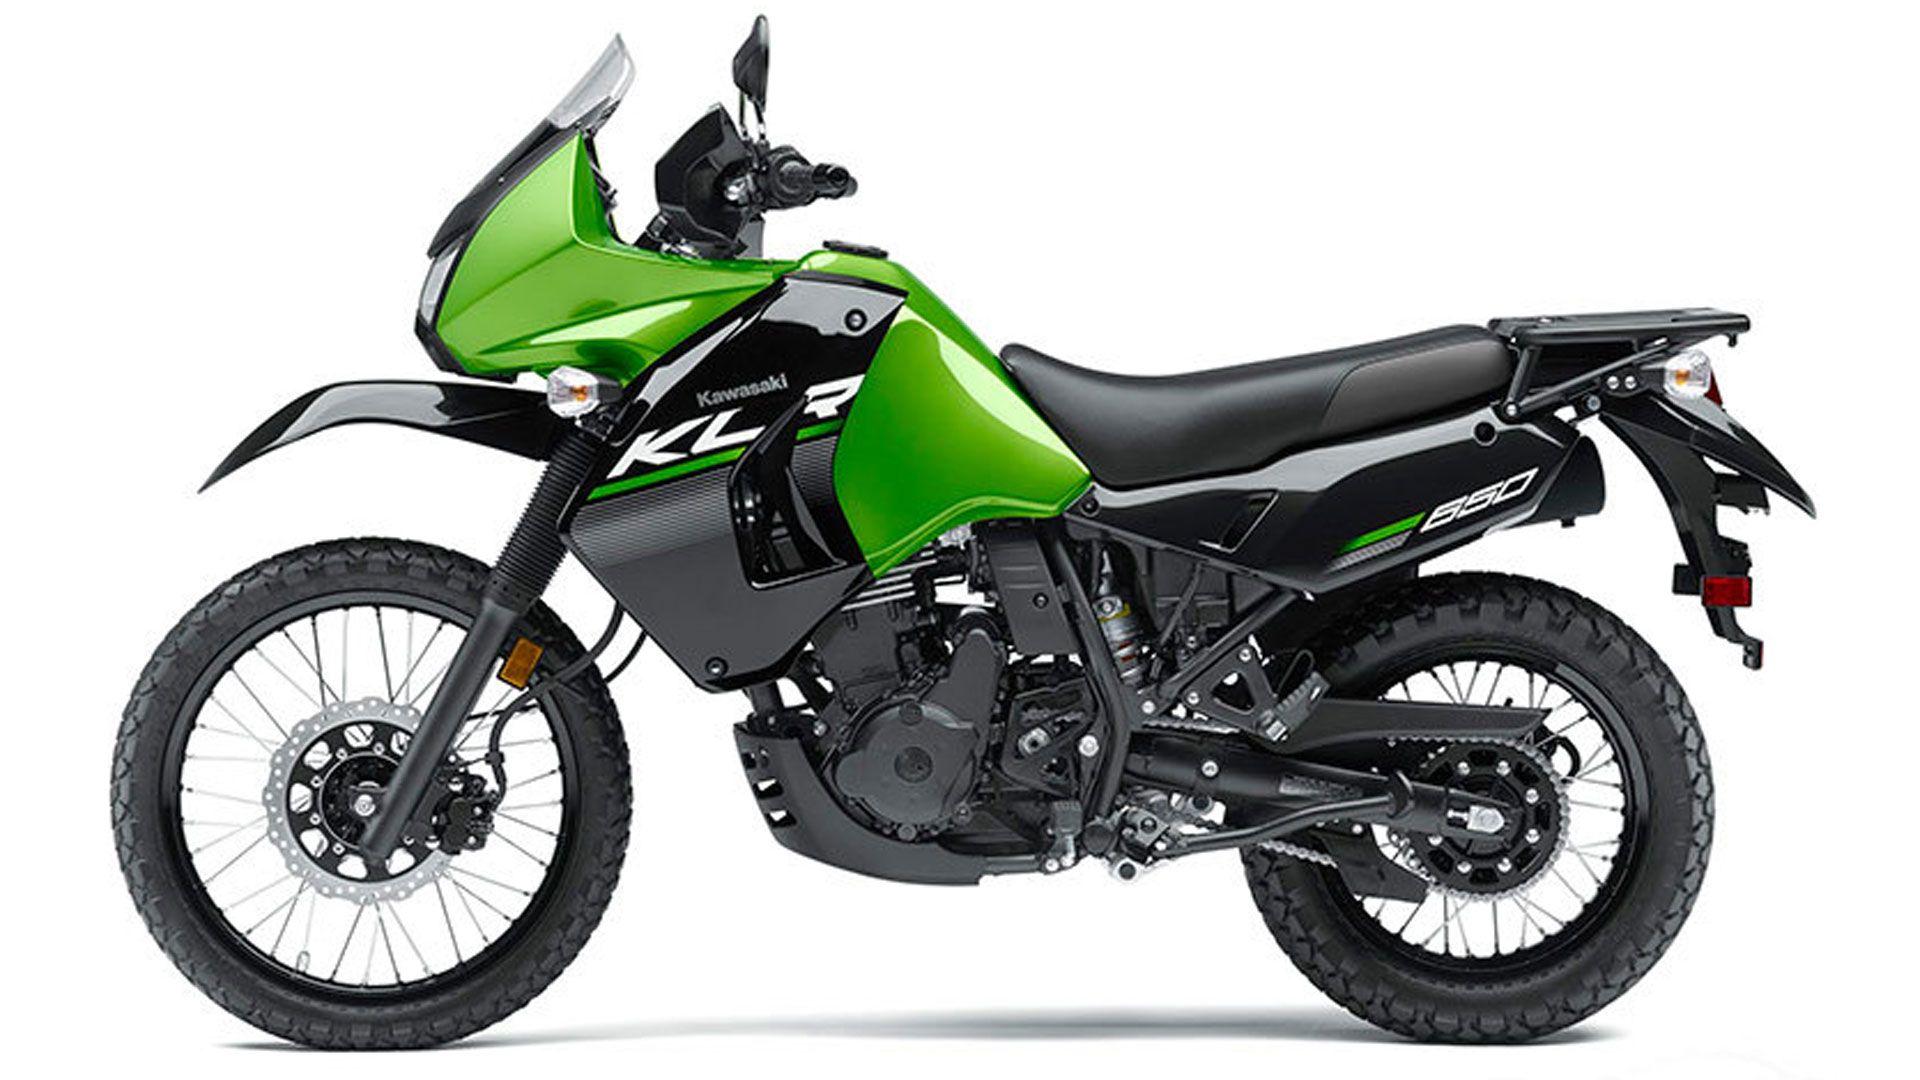 2014 Kawasaki KLR 650 Special Edition Full Specs